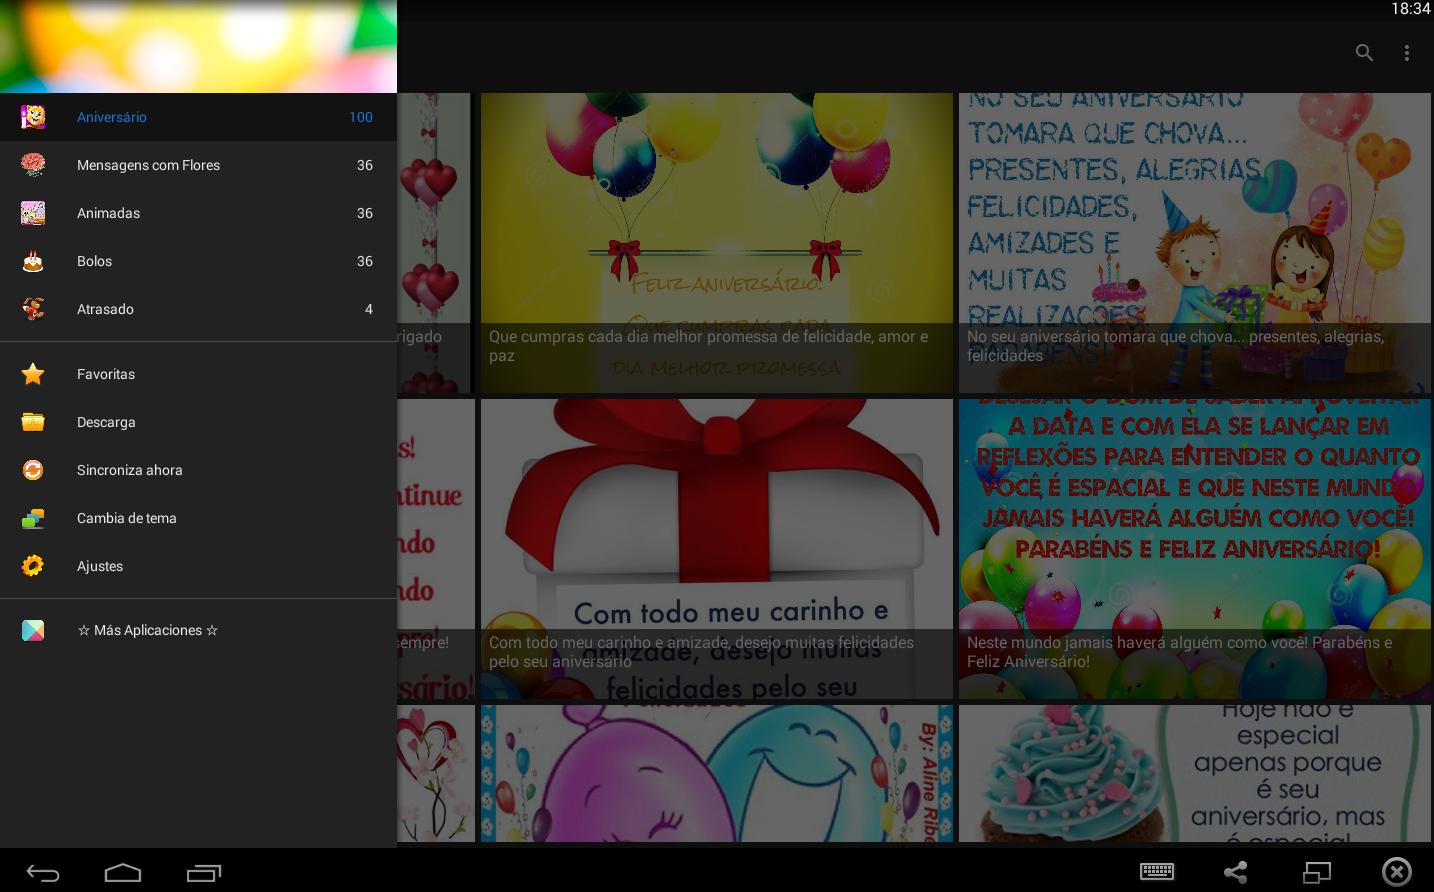 Feliz Aniversario Atrasado: Android Apps On Google Play